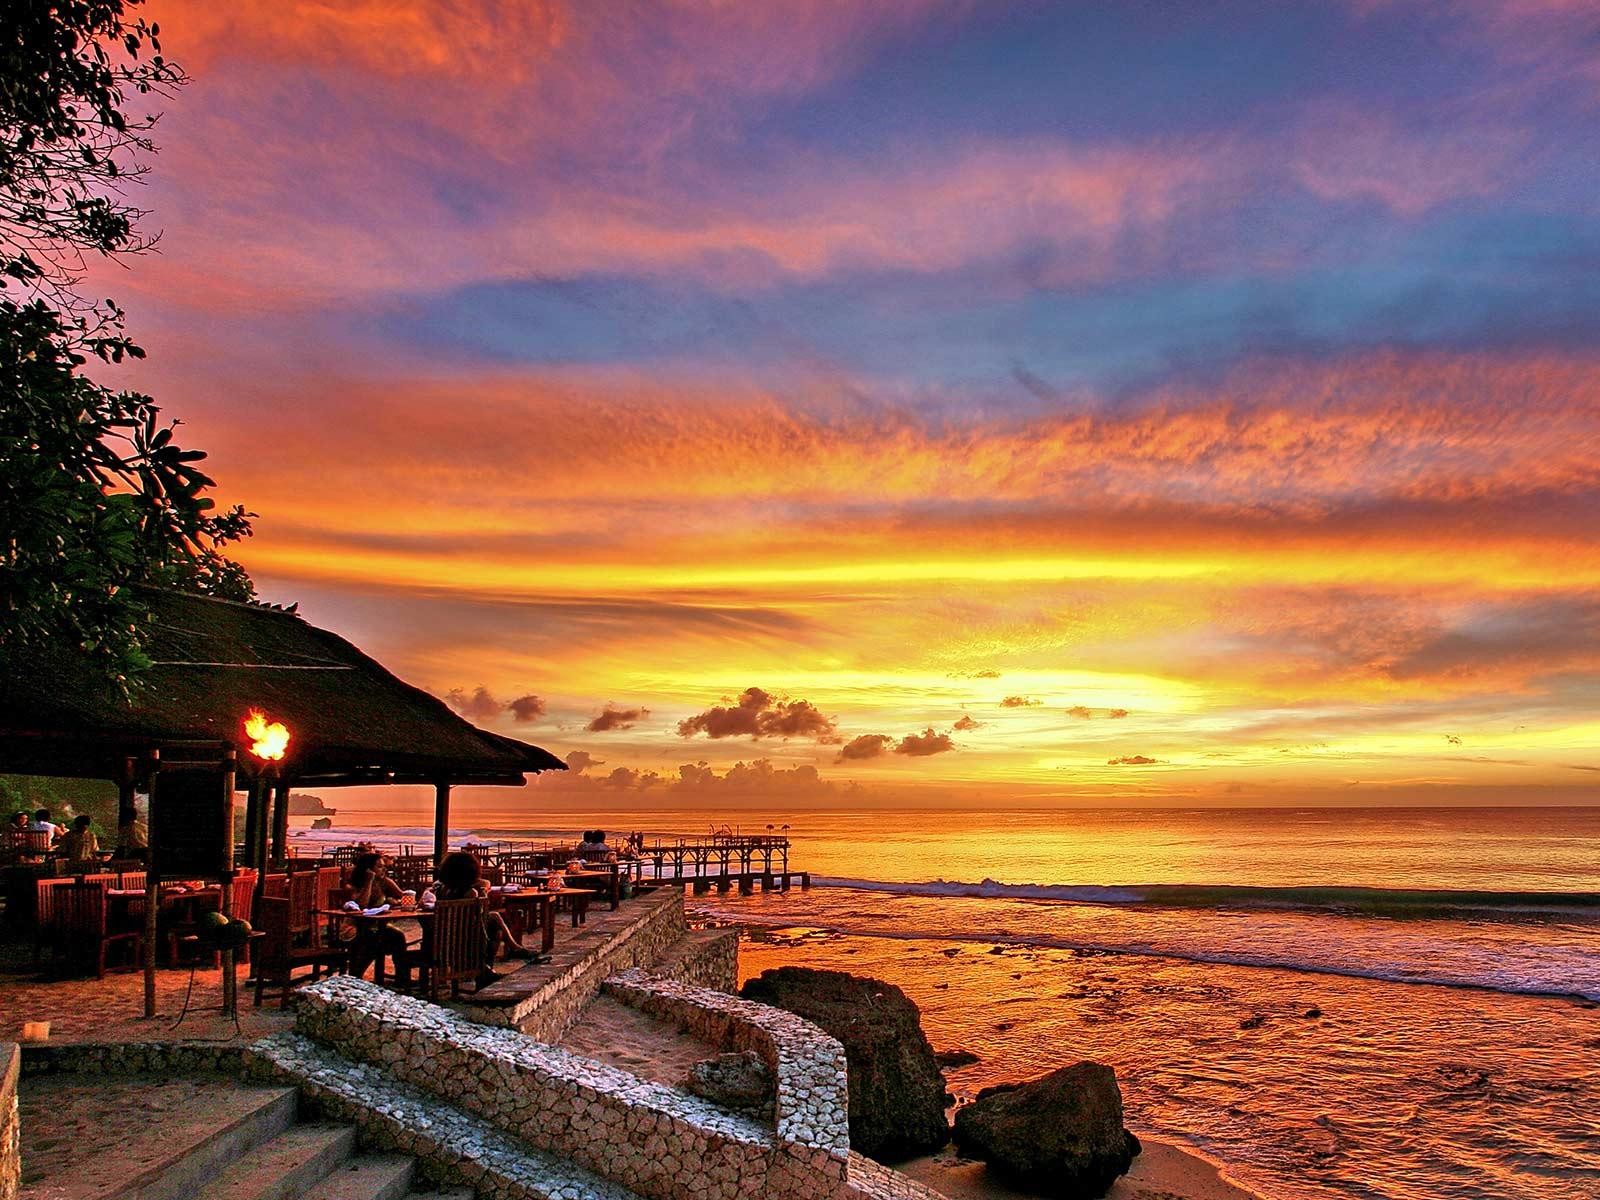 Rondreis Bali Jimbaran Ayana hotel 6